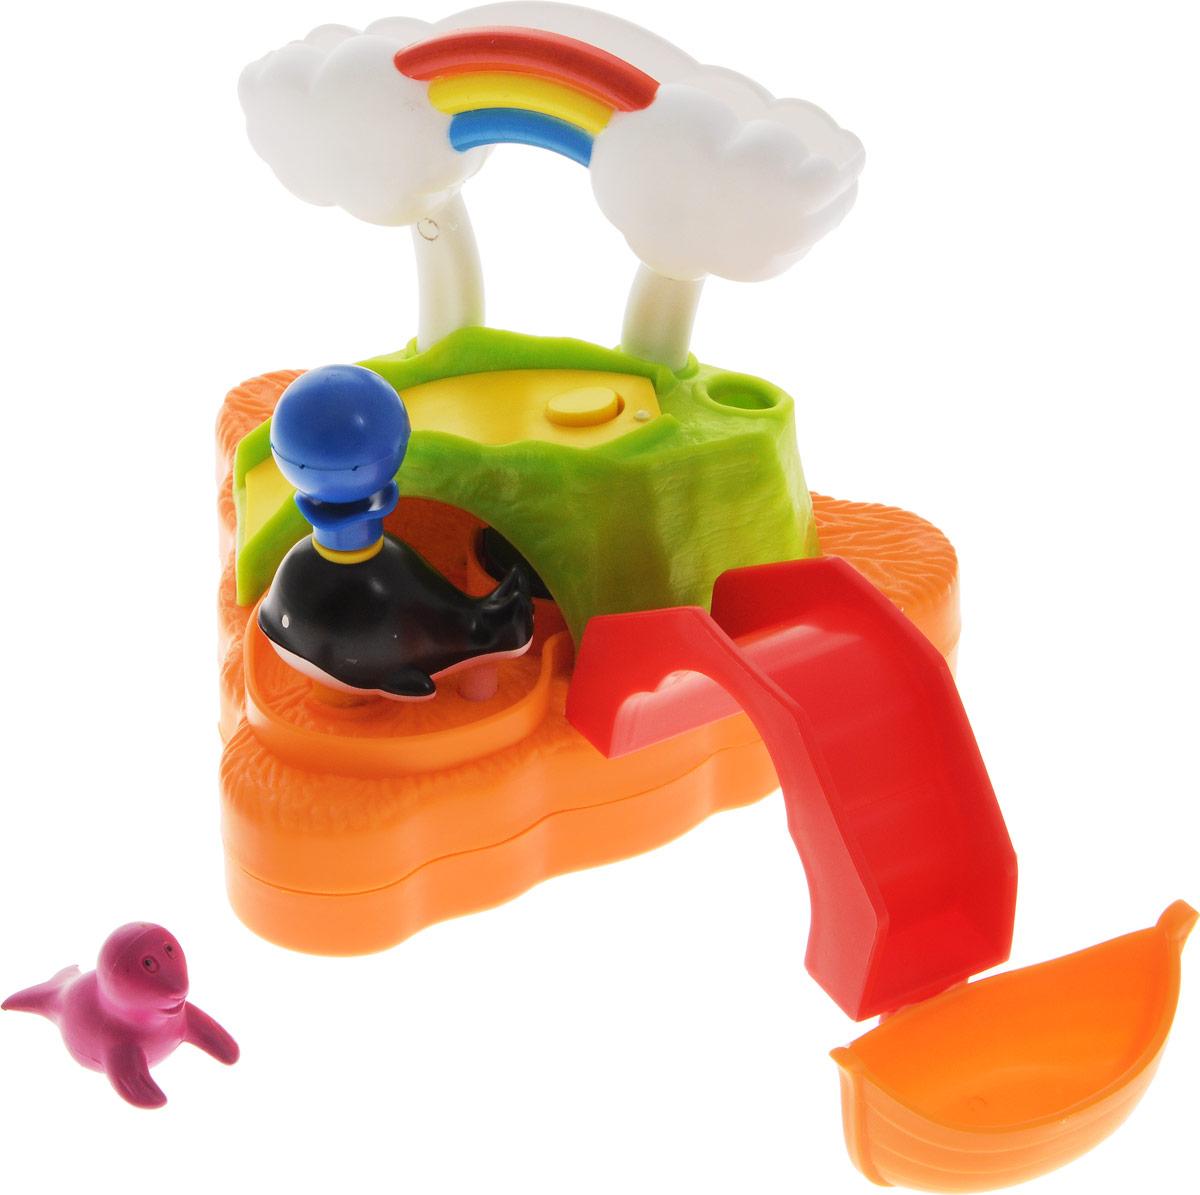 Жирафики Игрушка для ванной Летнее купание681118Игрушка для ванной Жирафики Летнее купание изготовлена из высококачественных материалов, которые совершенно безвредны, не имеют запаха и искусственных красителей. Игрушка поможет увлечь ребенка в процессе купания, особенно если он боится воды. Изделие прекрасно держится на воде. Если нажать на шарик у кита, то брызнет вода. Игра в ванной - это не только весело, но и полезно. Игрушка направлена на развитие внимания, координации движений, цветового восприятия и хватательных рефлексов, а также помогает приучить малыша к купанию.